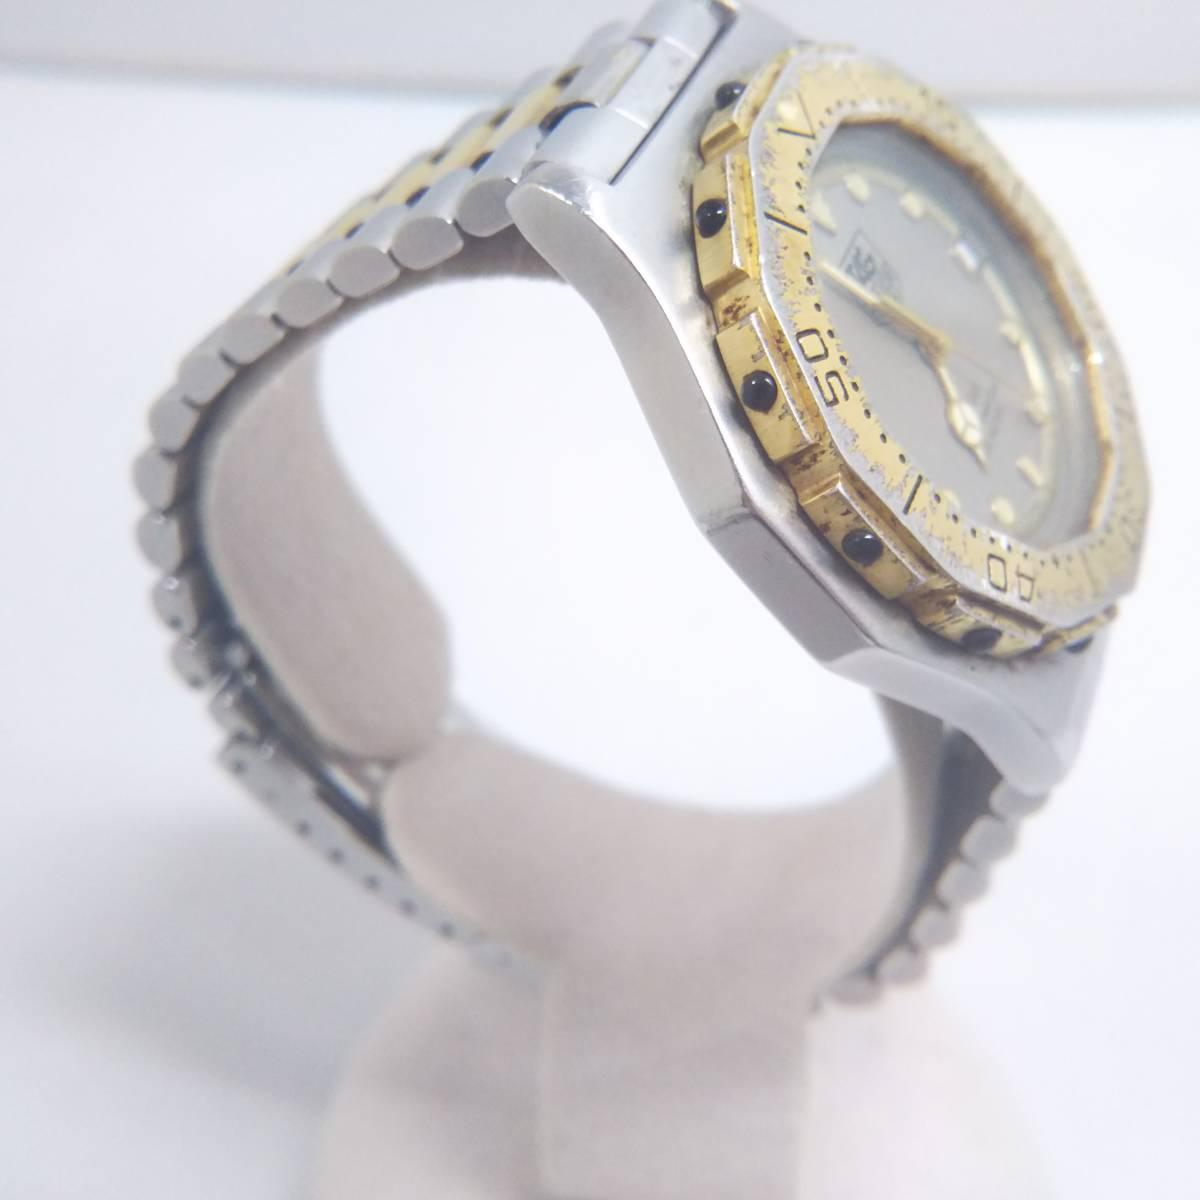 TAG HEUER タグホイヤー プロフェッショナル 934 206 デイト ゴールド 腕時計 クォーツ 電池式 ステンレスベルト メンズ_画像4